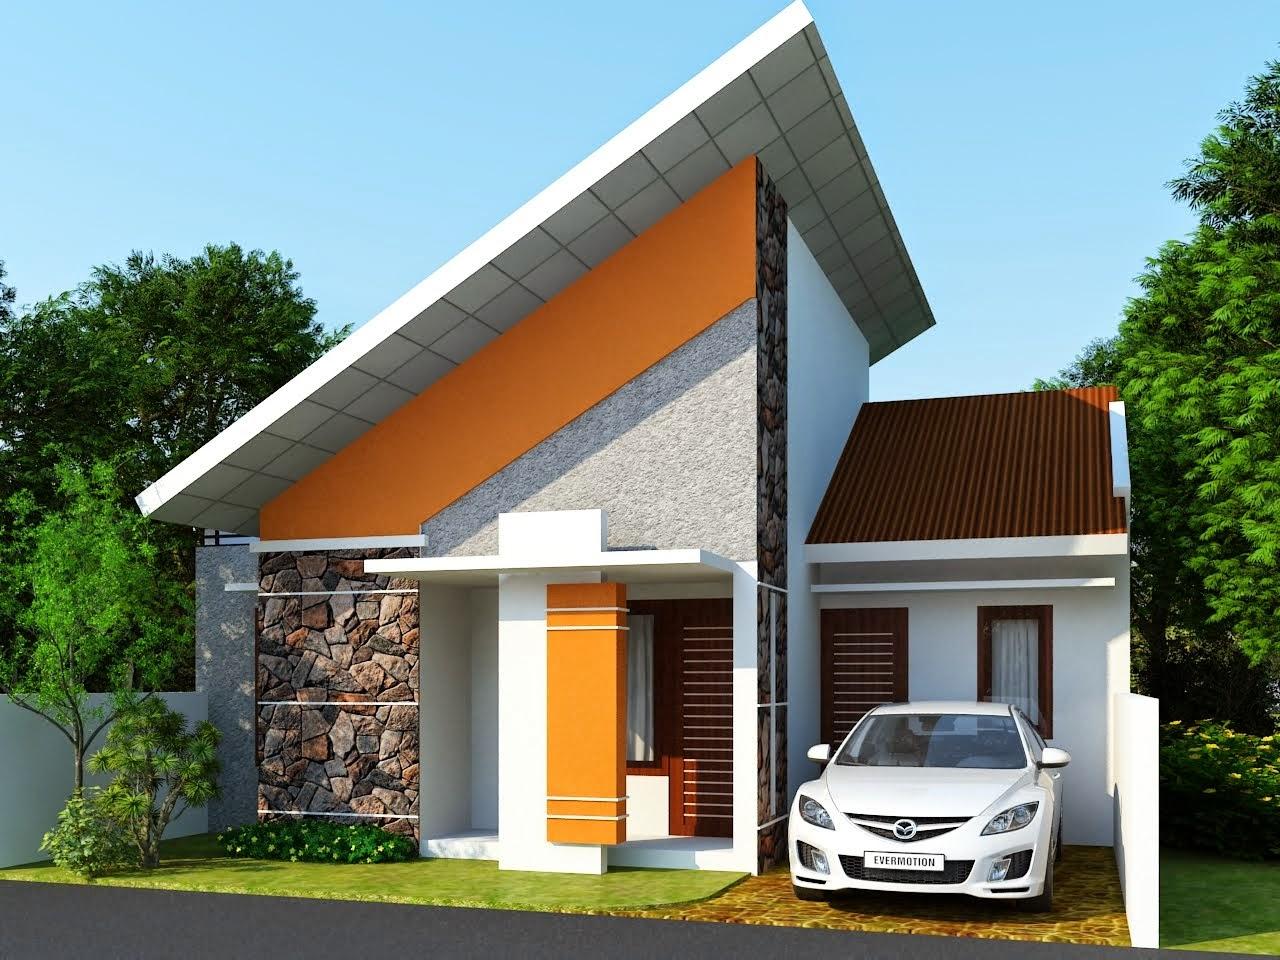 Contoh Desain Rumah Minimalis Sederhana 1 Lantai